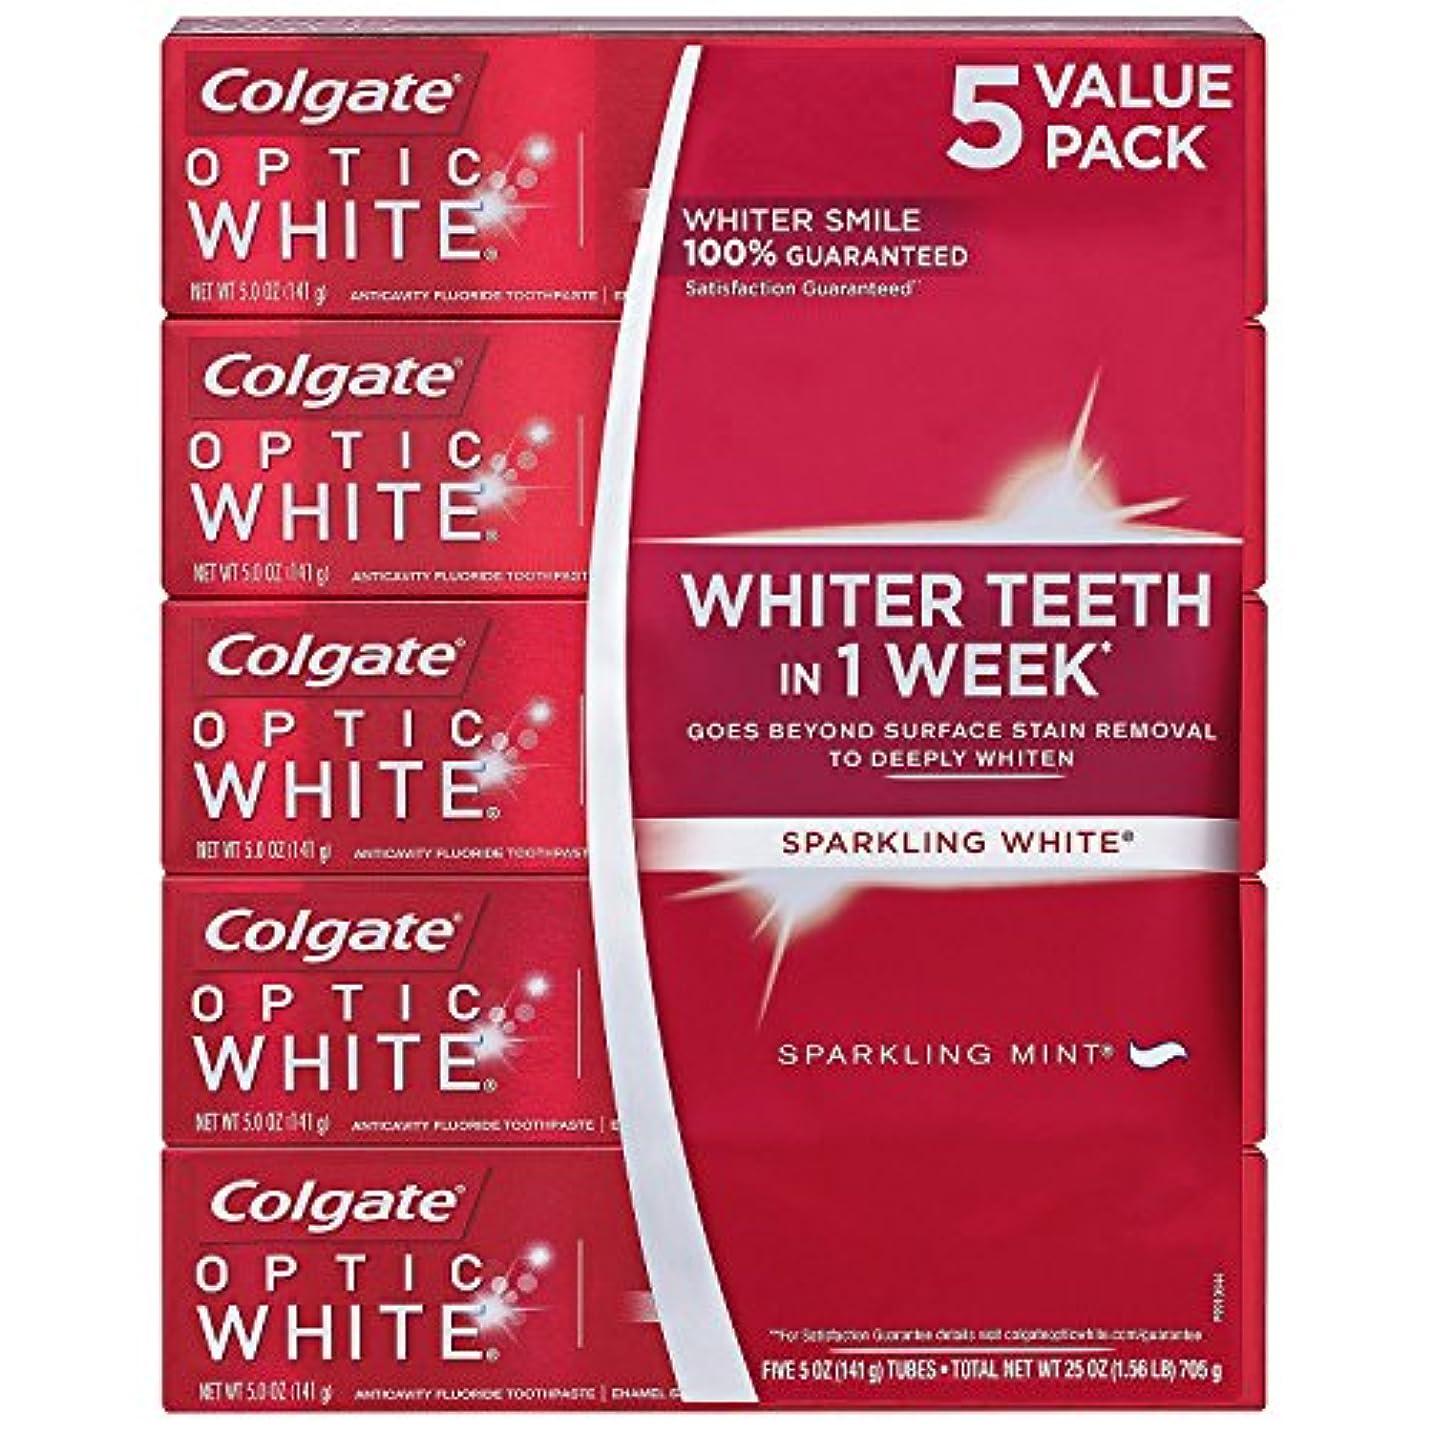 爆発崖化合物海外直送品 Colgate Optic White コルゲート オプティック ホワイト スパークリングミント141g ×5本 [Pack of 5]